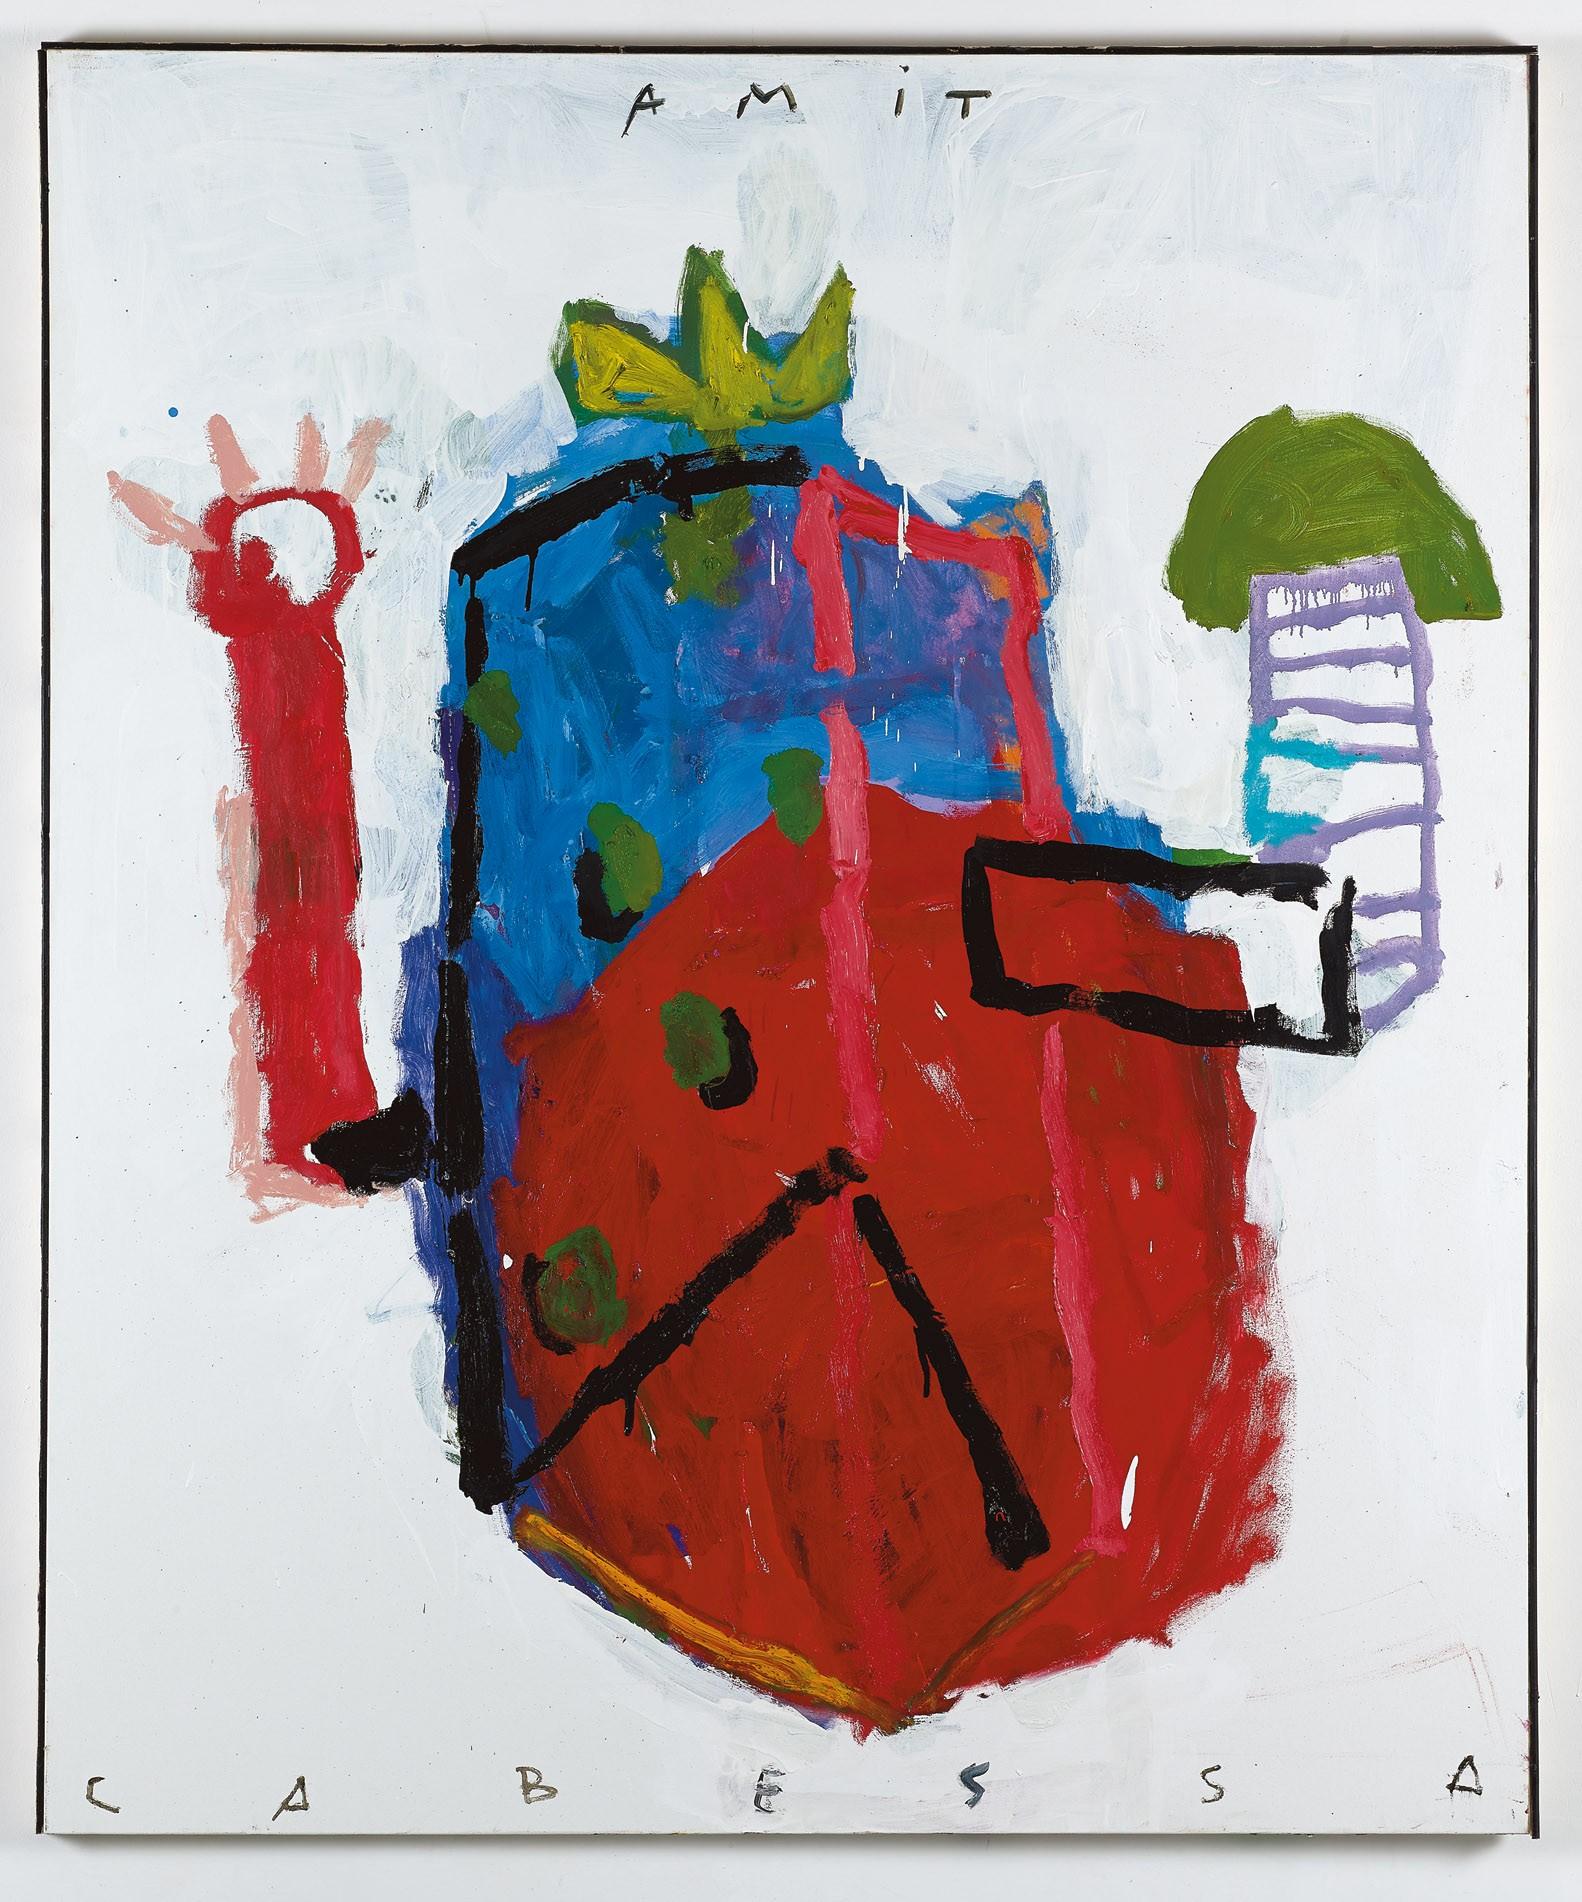 Amit Cabessa, 2018, Oil on canvas, 180x149